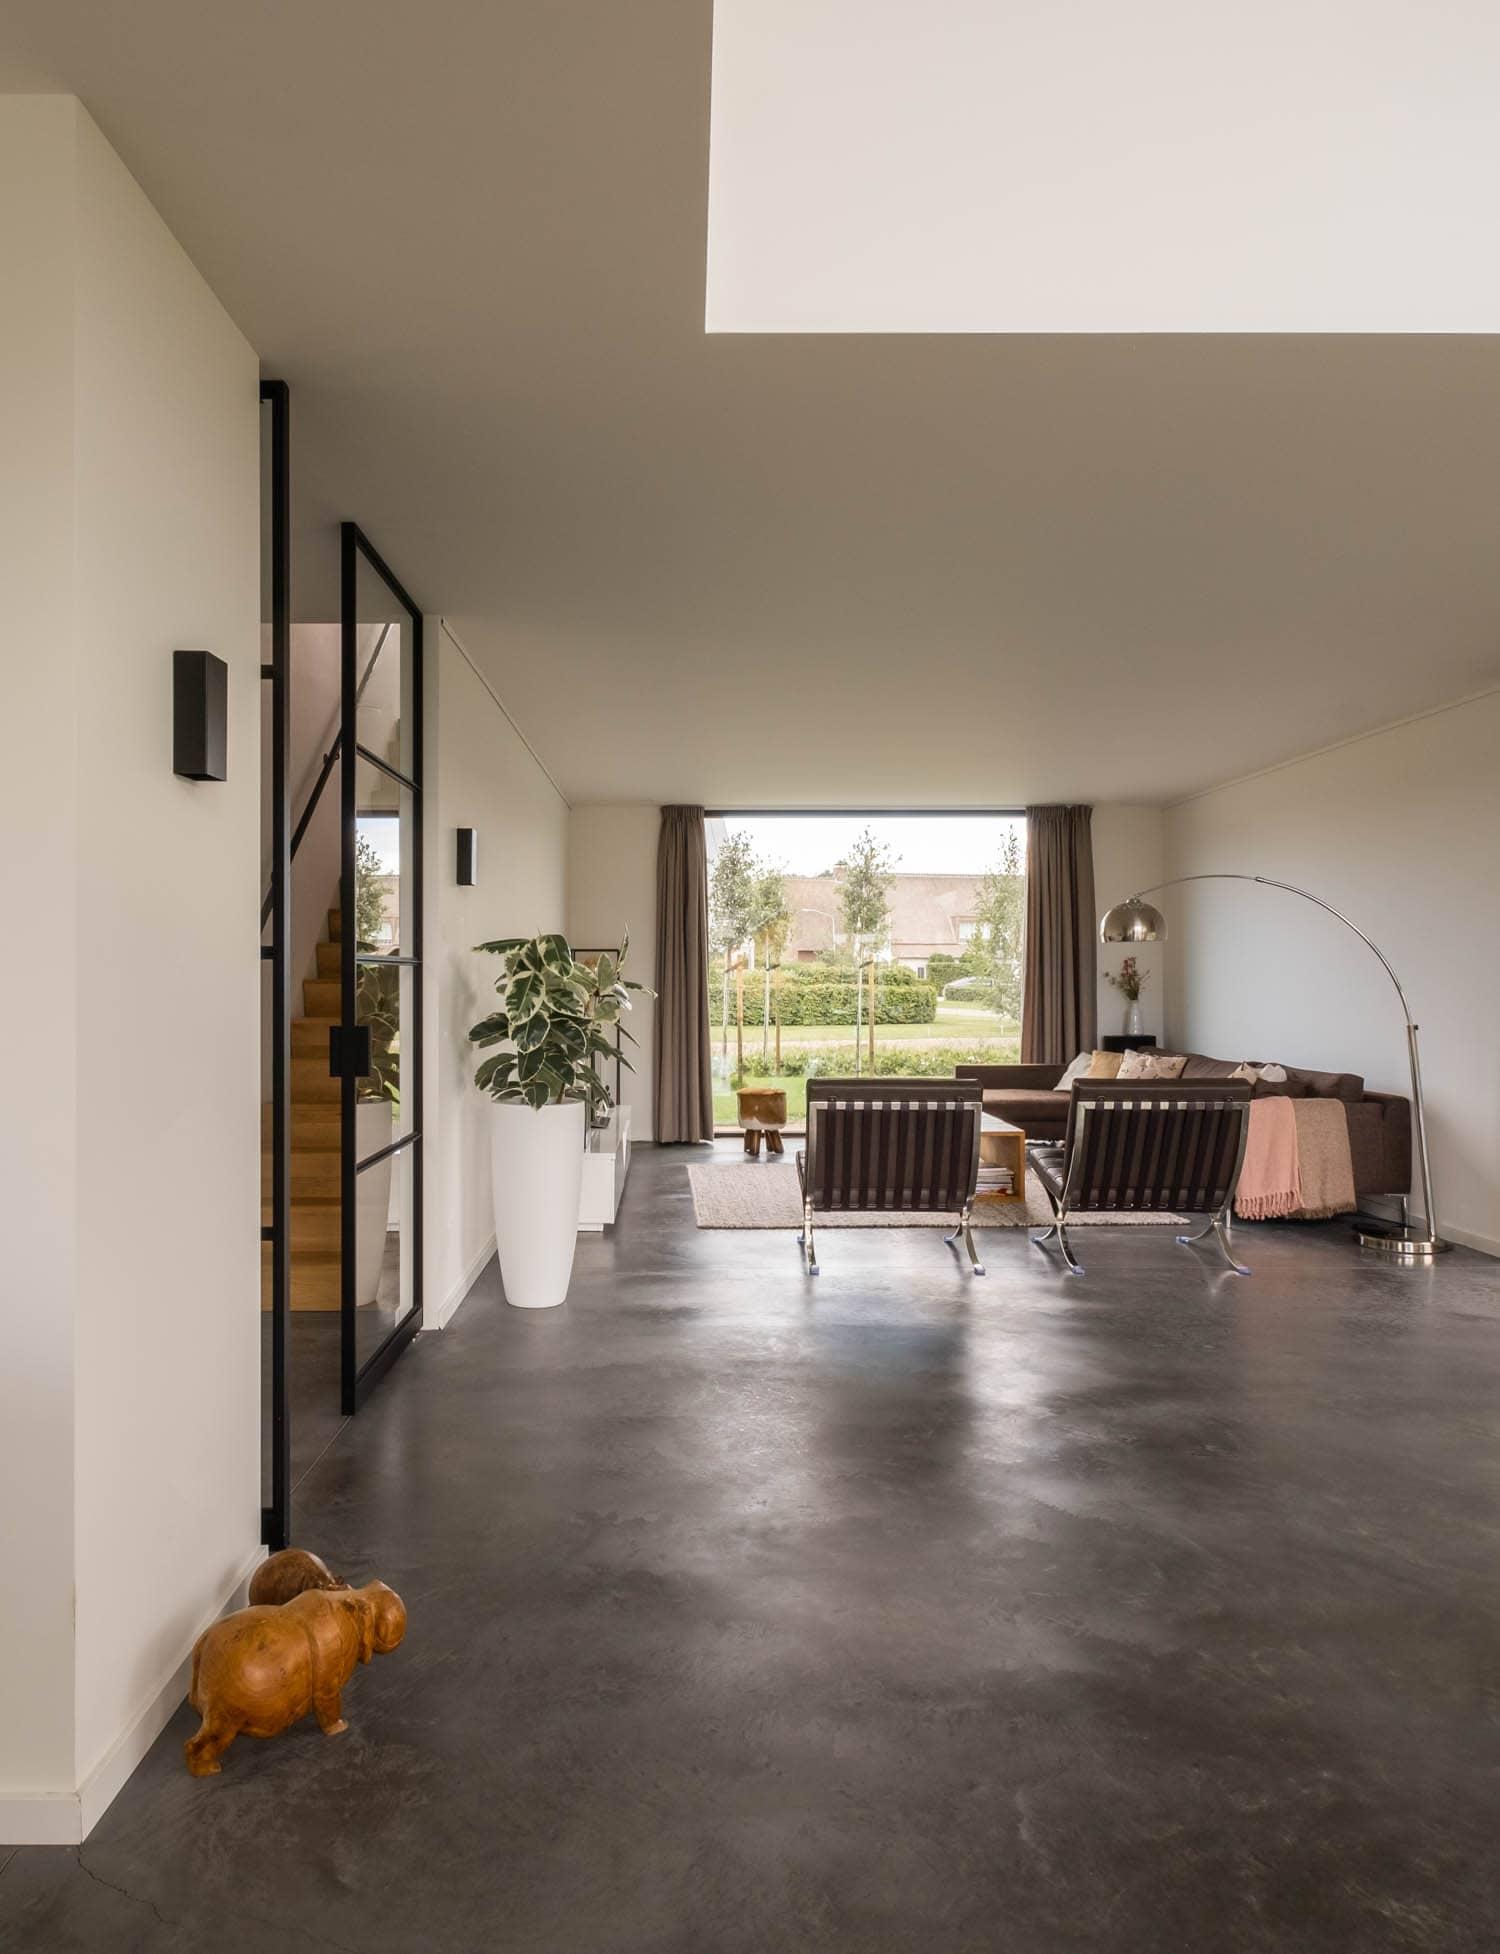 van-os-architecten-breda-nieuwbouw-woning-in-gevelstucwerk-en-stalen-dak-hoge-gouw-teteringen-interieur-bij-vide-richting-woonkamer